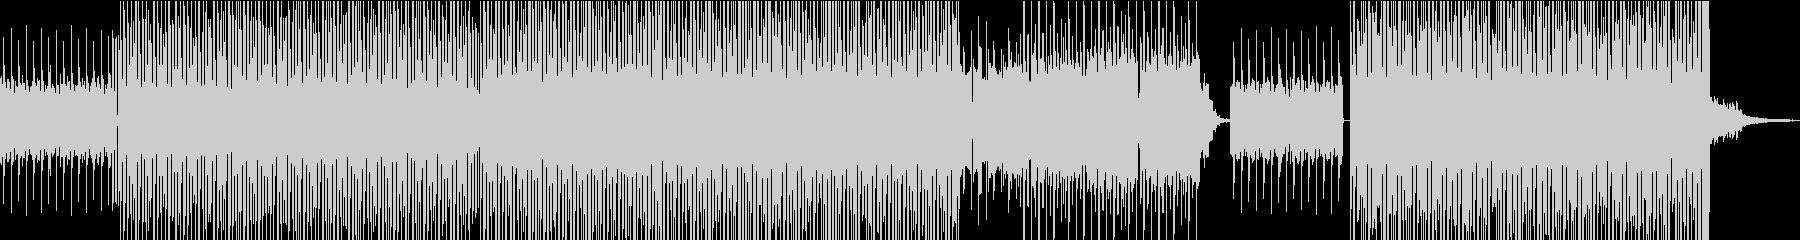 ポップなイメージのハウスの未再生の波形